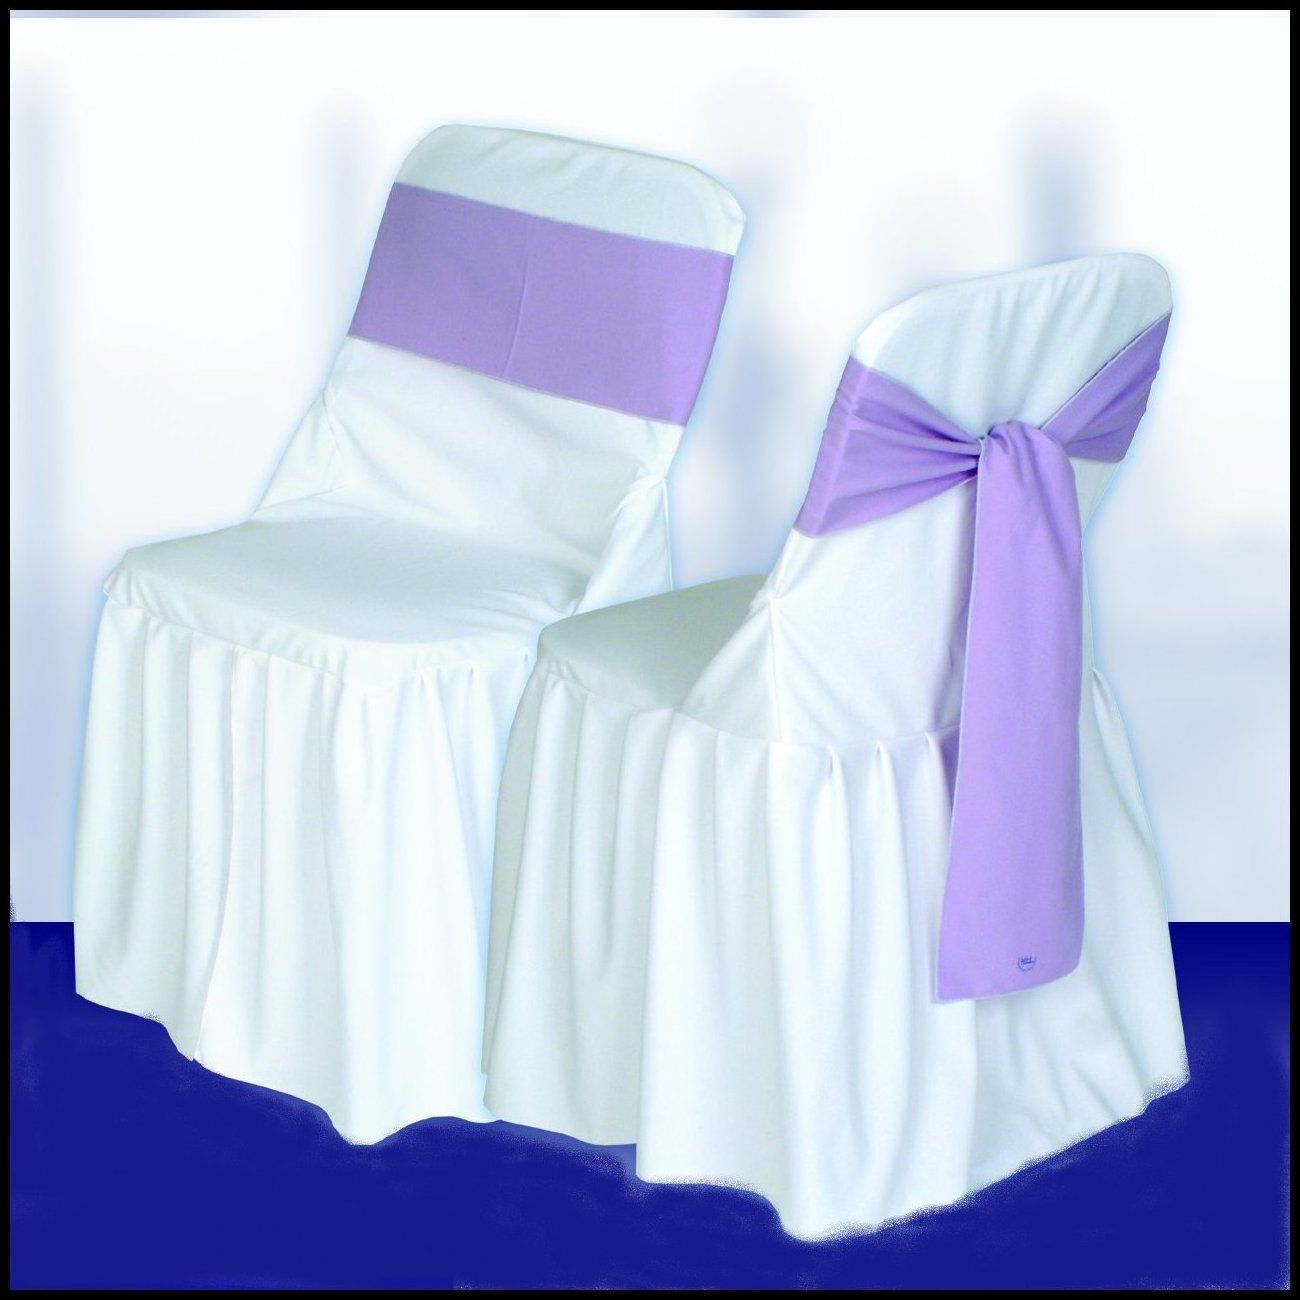 Cubre sillas para fiestas invitation samples blog sillas pinterest cubre sillas cubrir - Alquiler de fundas de sillas para eventos ...